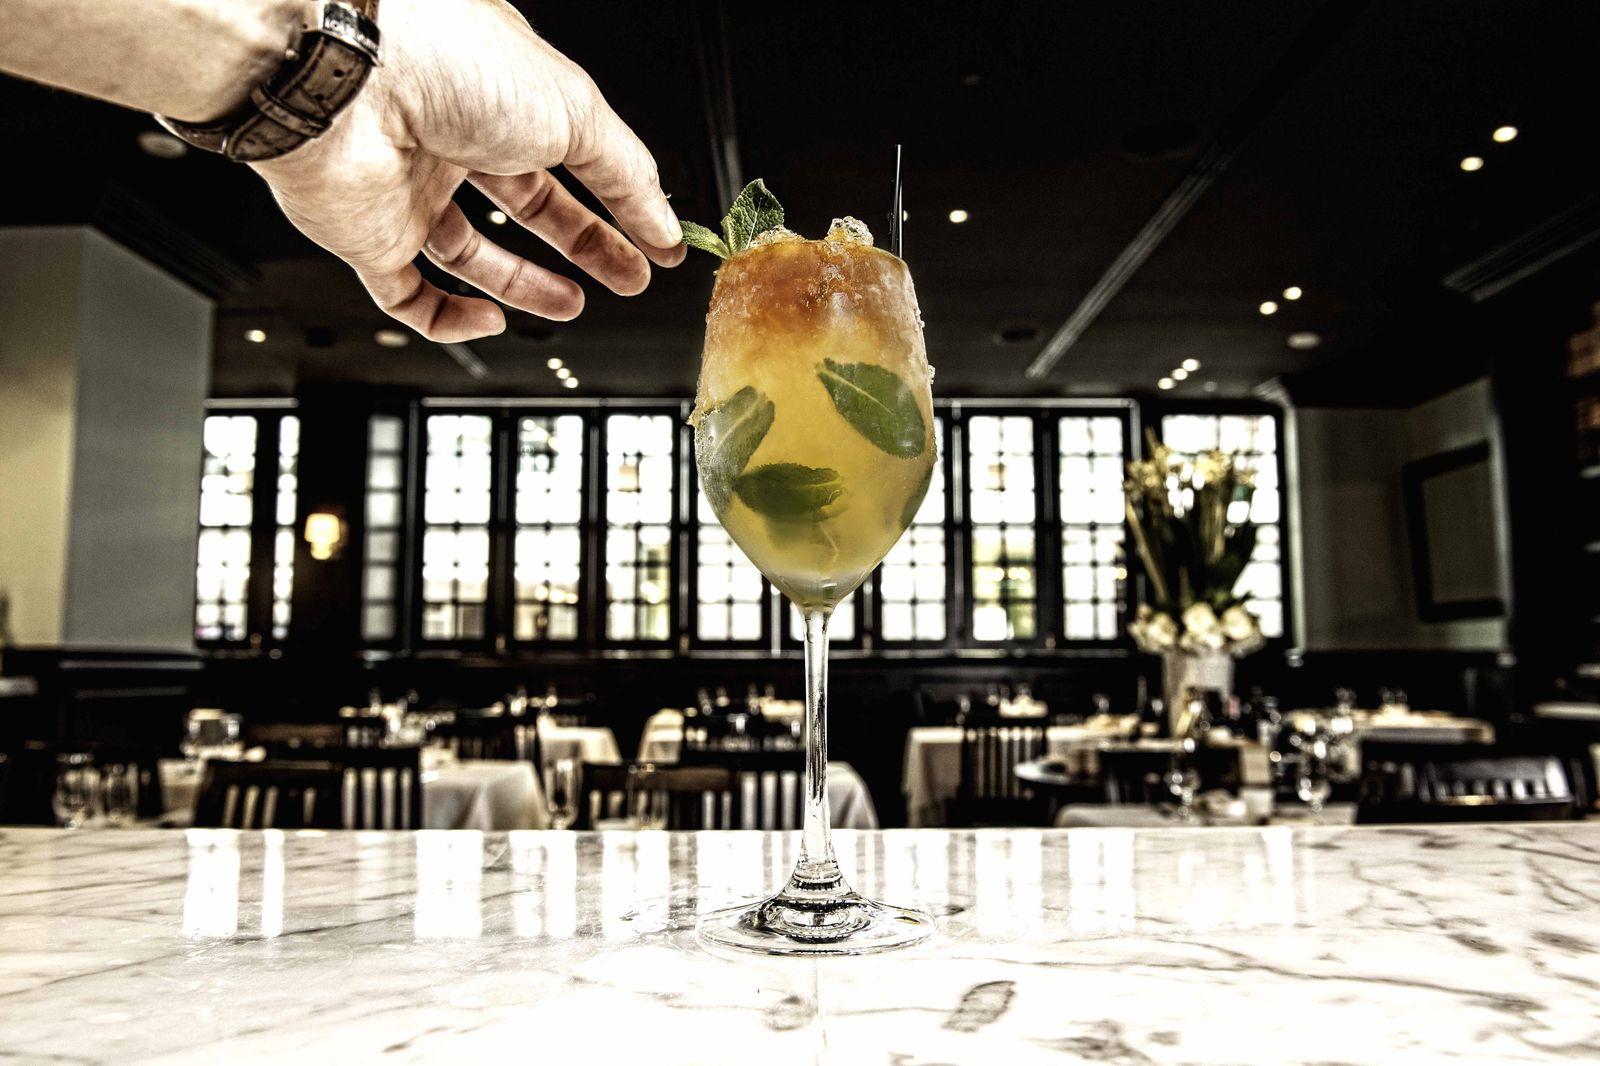 レストランの中心には独立した「モッツァレラバー」があり、フレッシュなチーズもいただけます。併設のバー「Amaro Bar」にはイタリアの伝統的なハーブ系リキュールを使ったカクテルも。